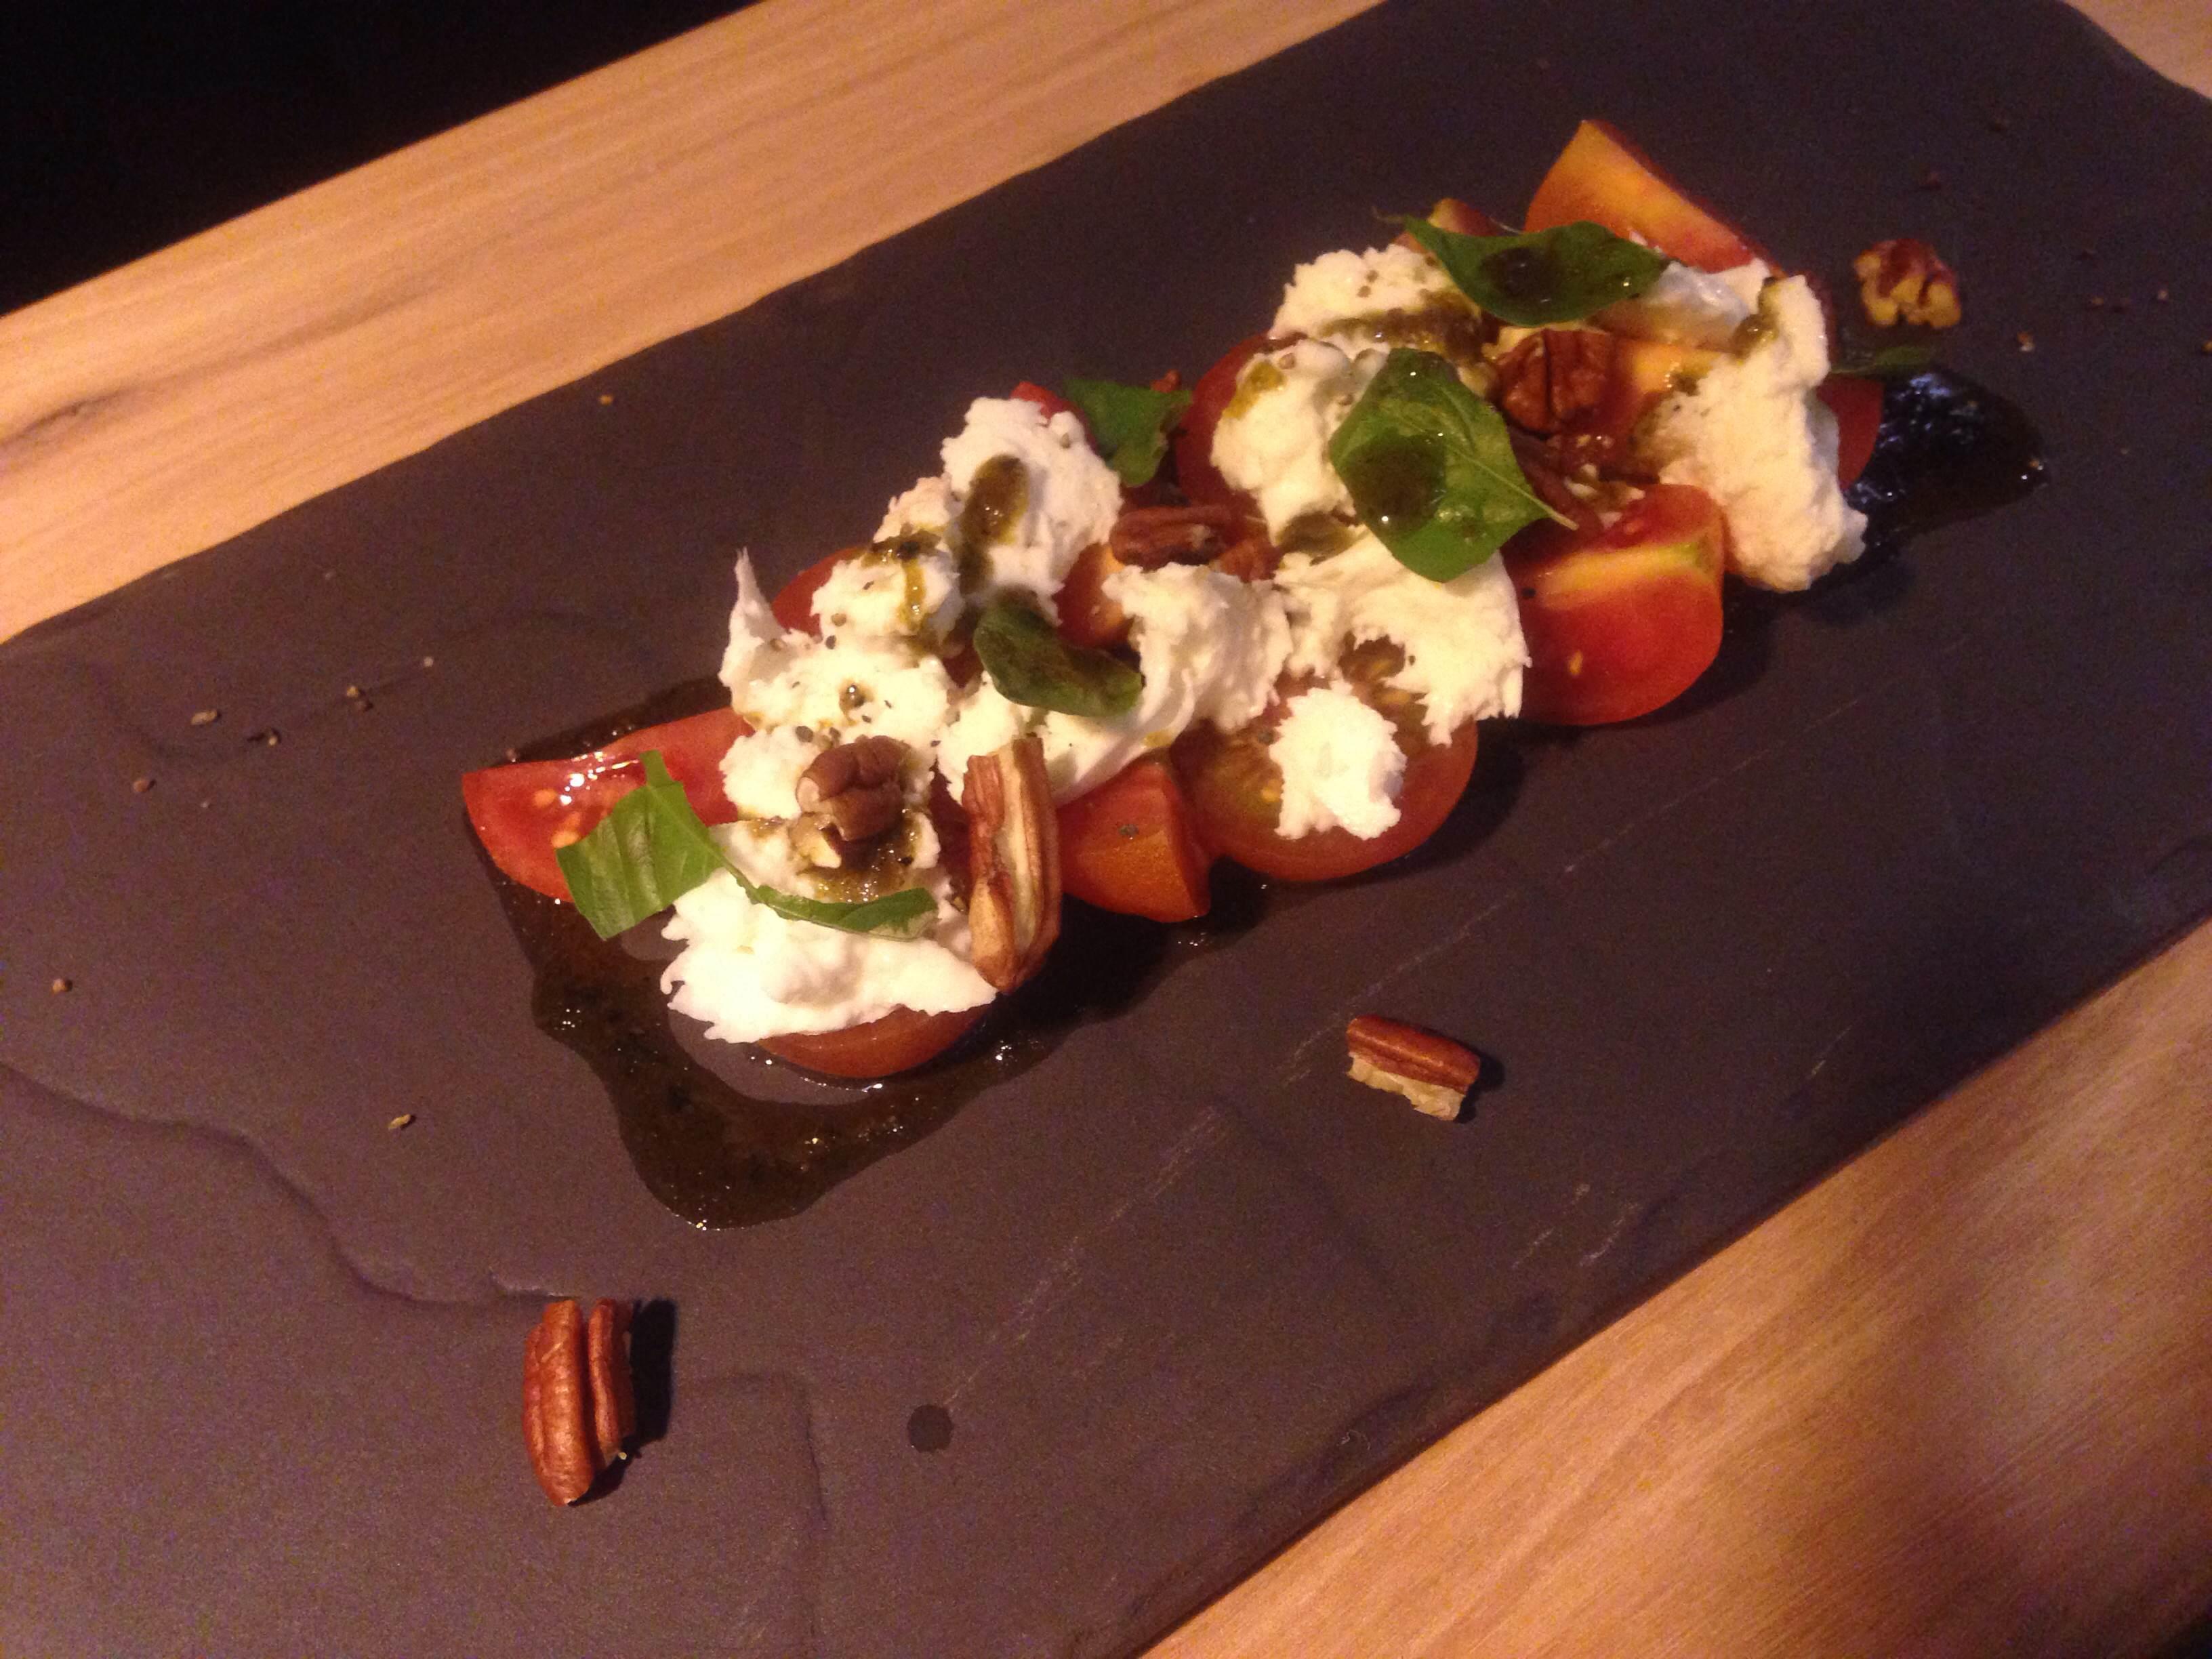 水牛芝士,葡萄成熟的西红柿& Basil